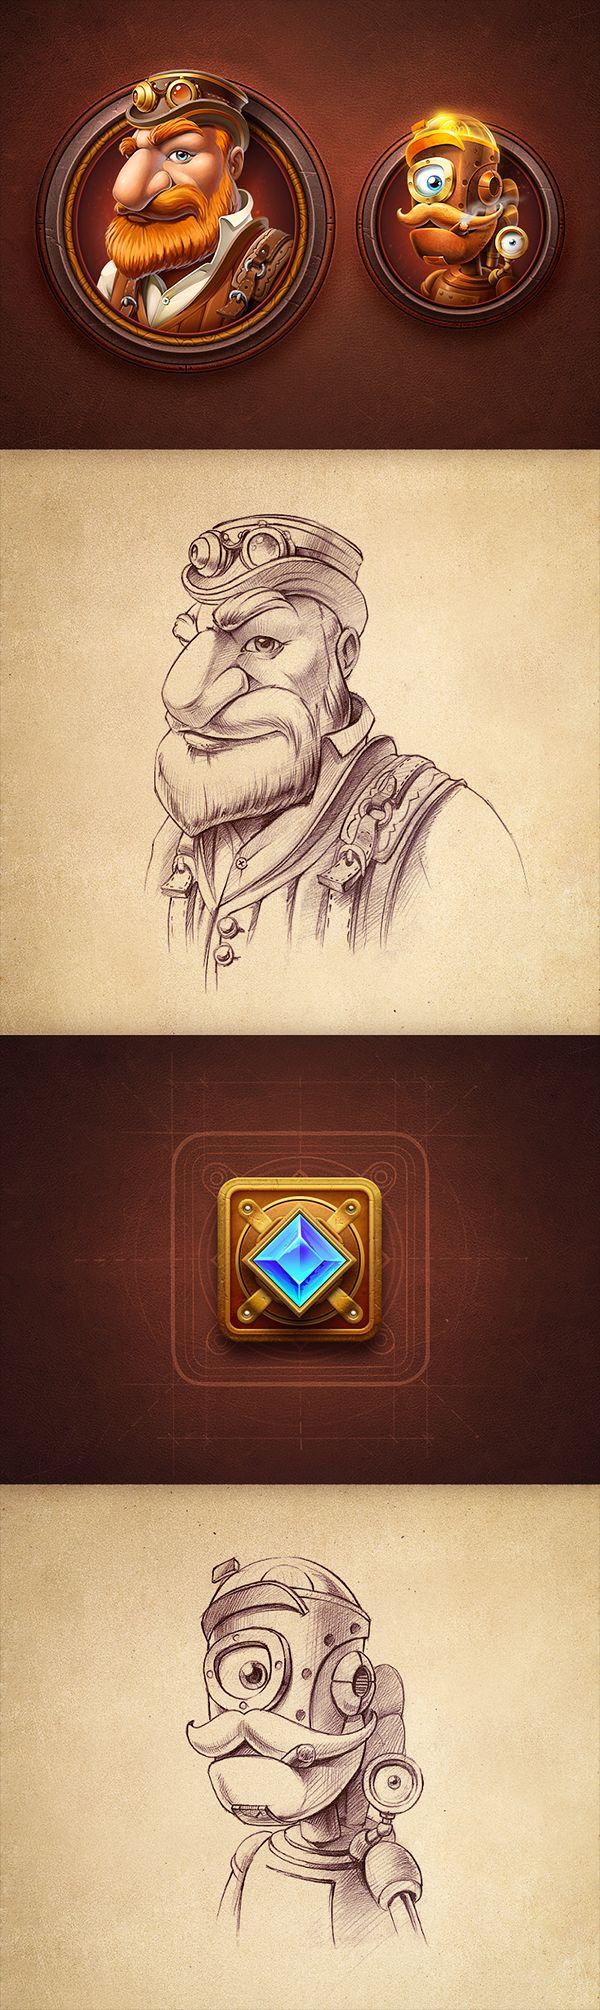 https://www.behance.net/gallery/20559077/Character-design?utm_medium=email